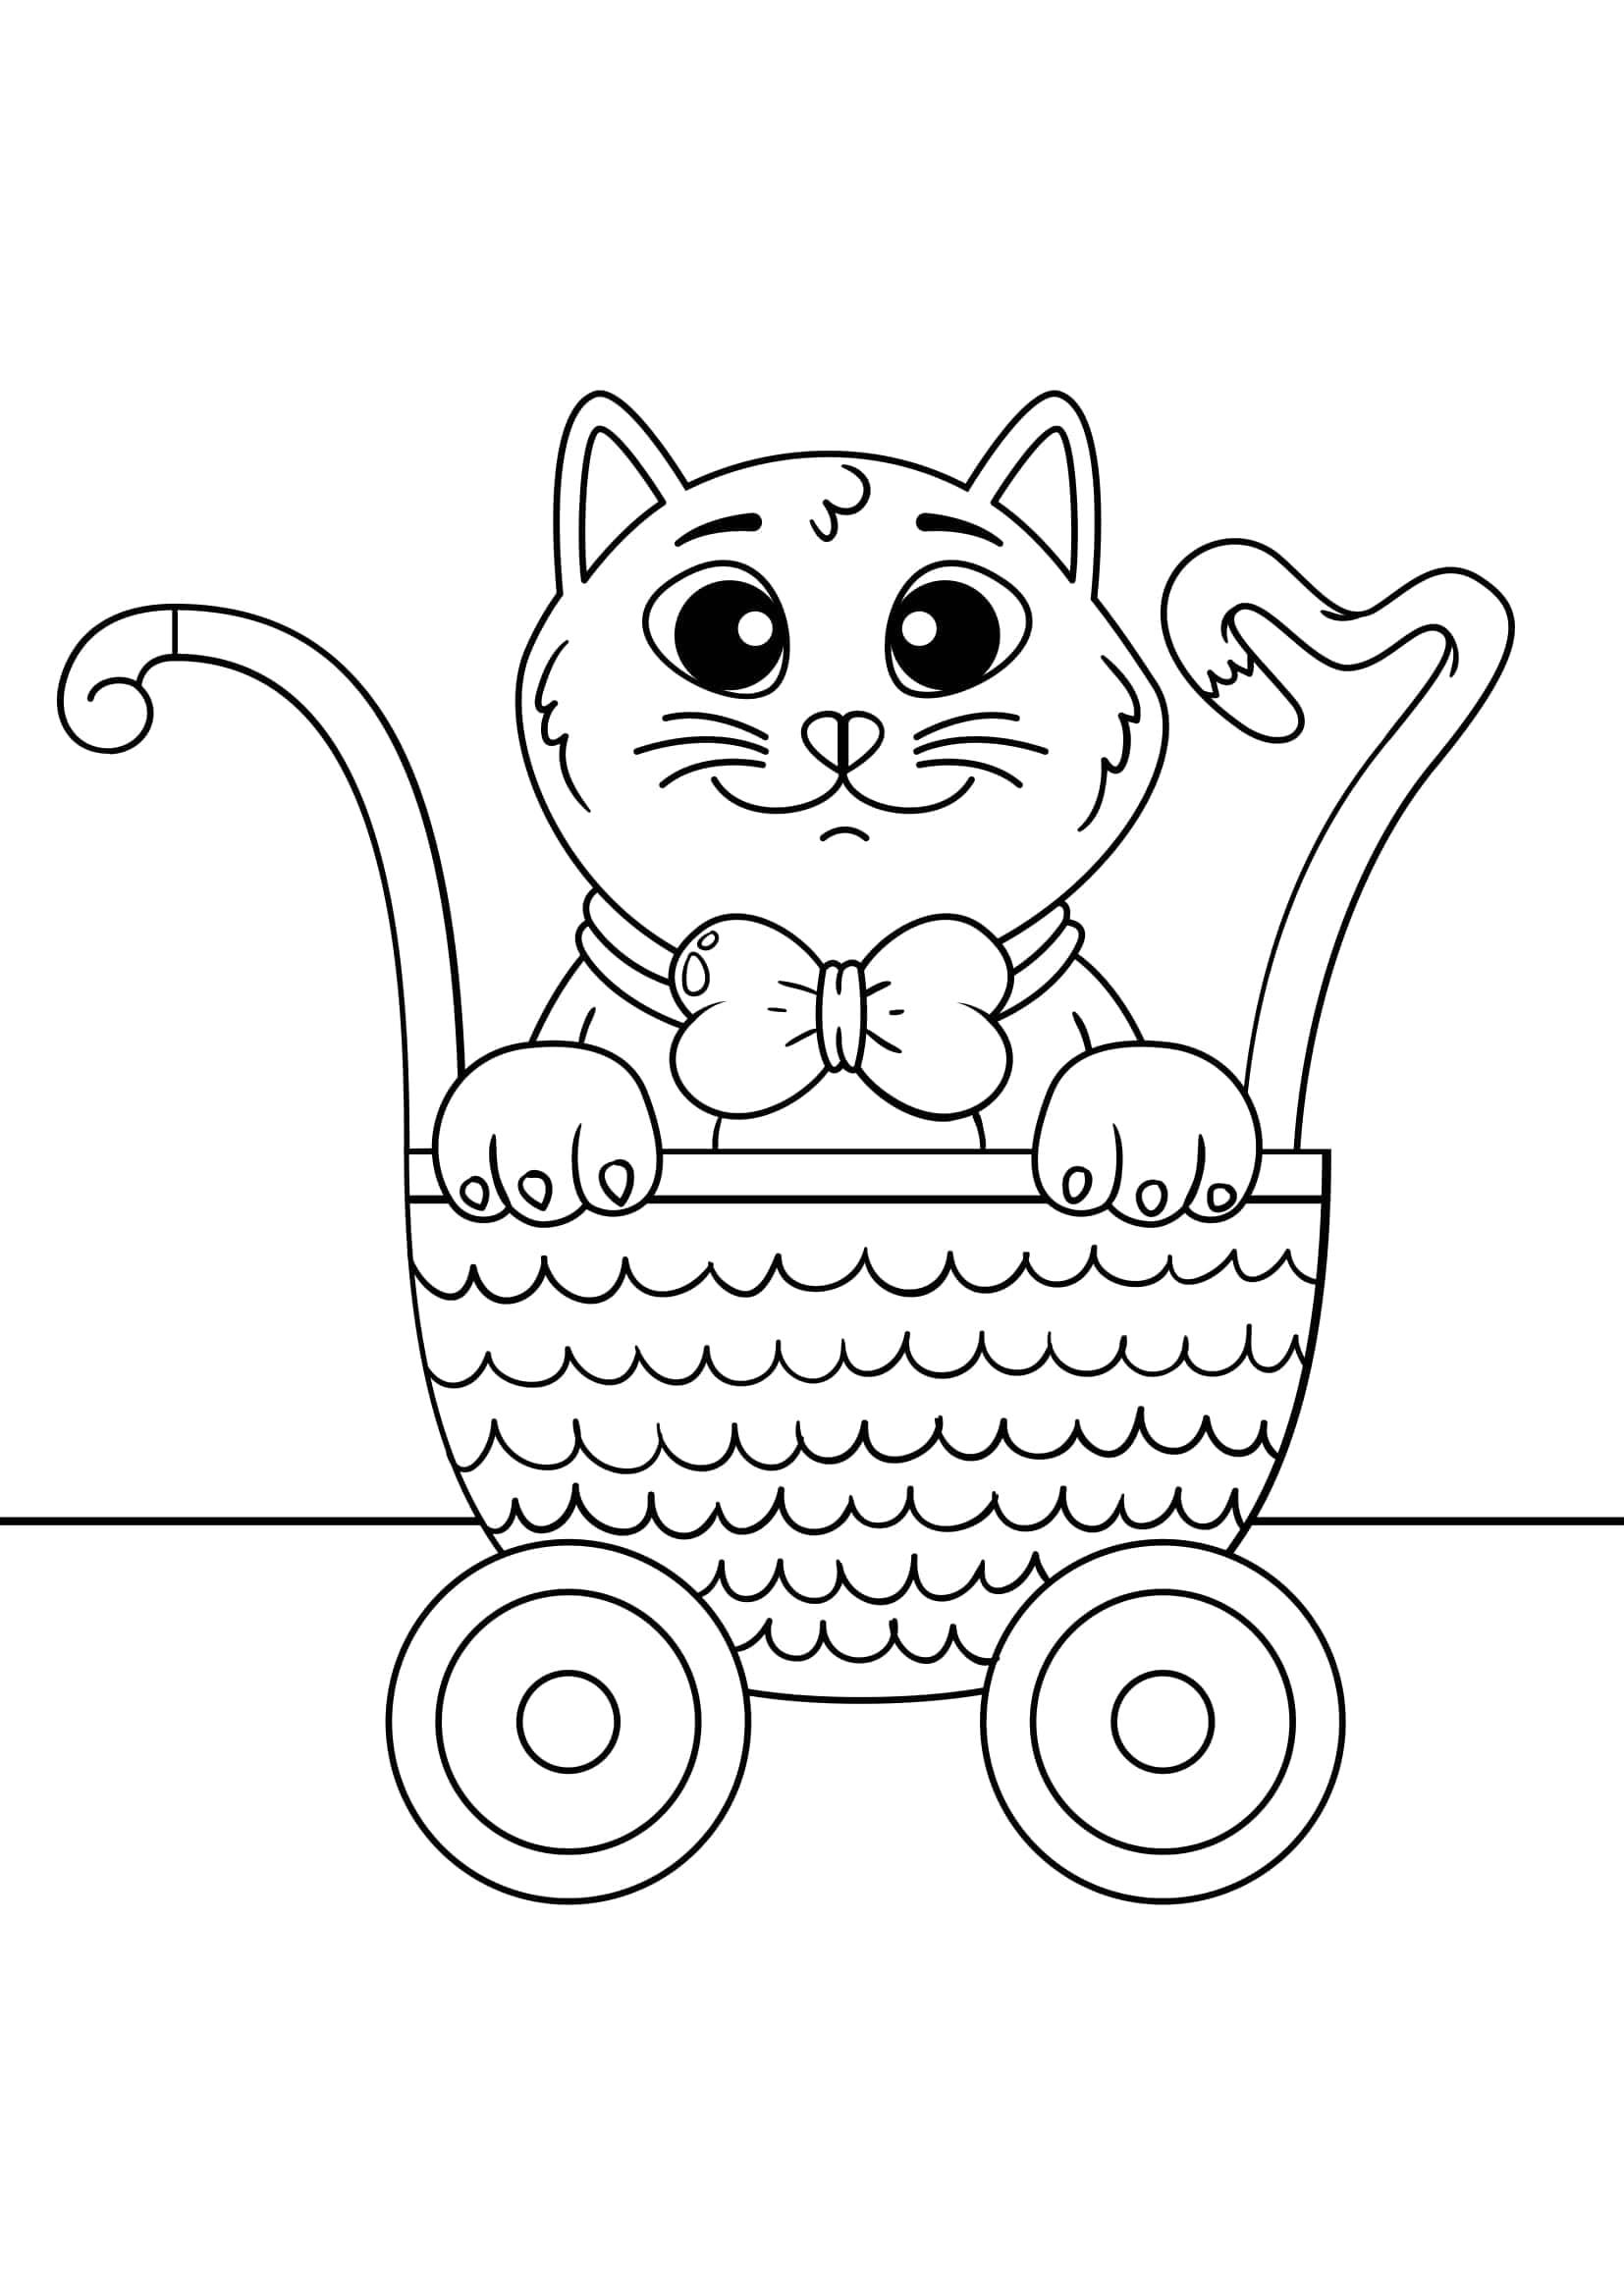 Tranh tô màu con mèo đáng yêu ngồi trong giỏ